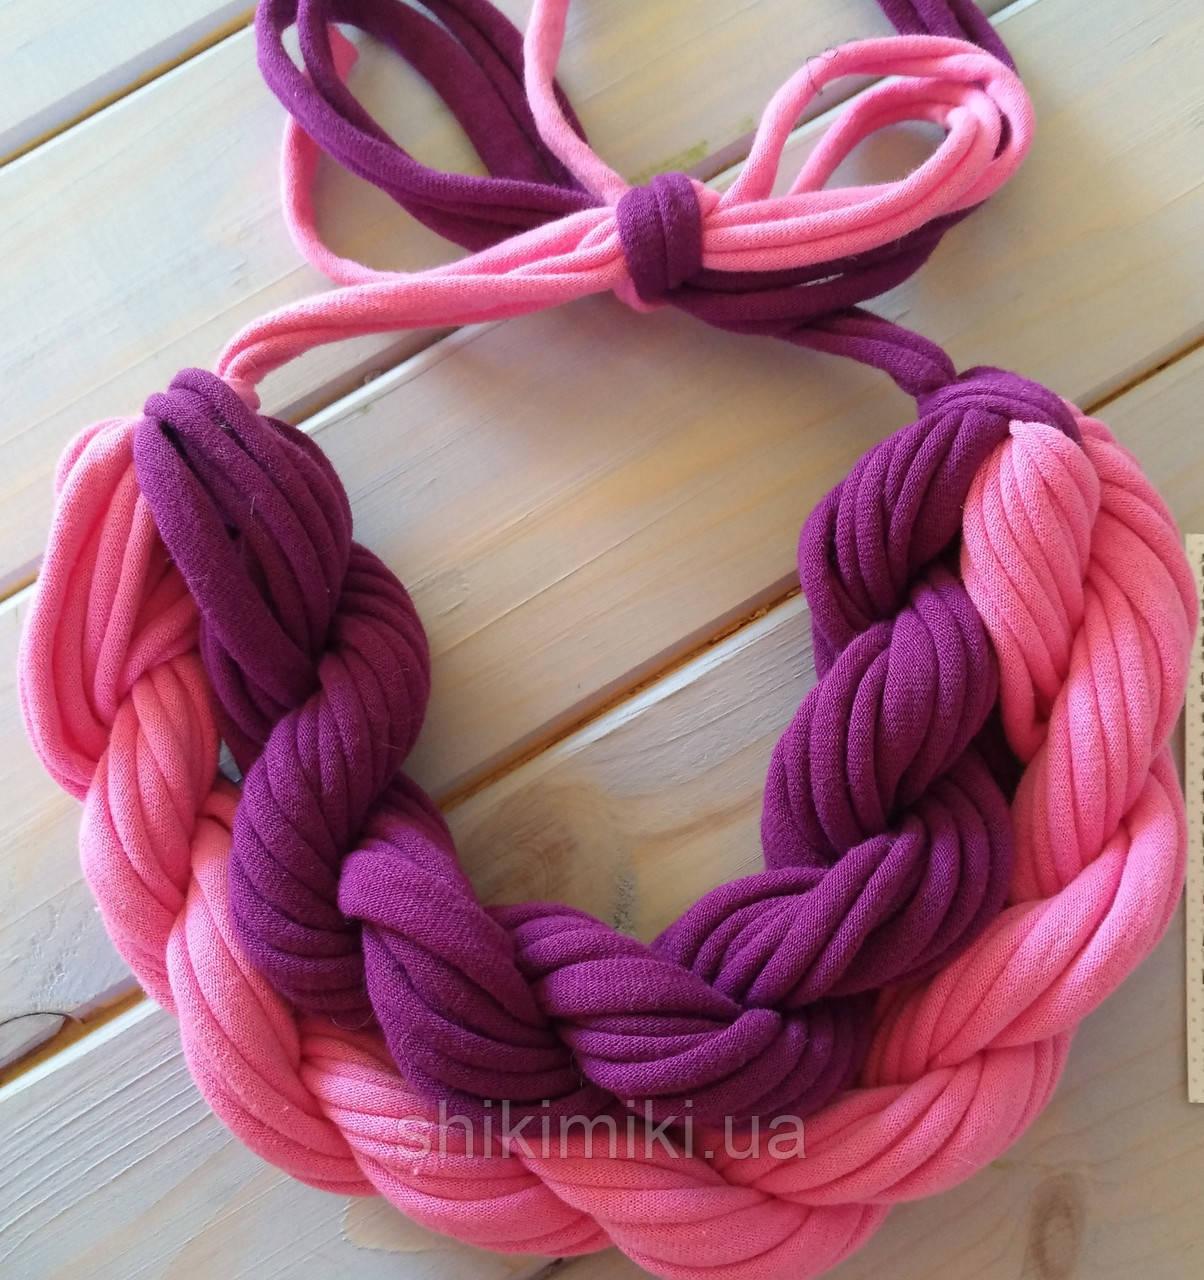 Колье женское вязаное из трикотажной пряжи Ягодное